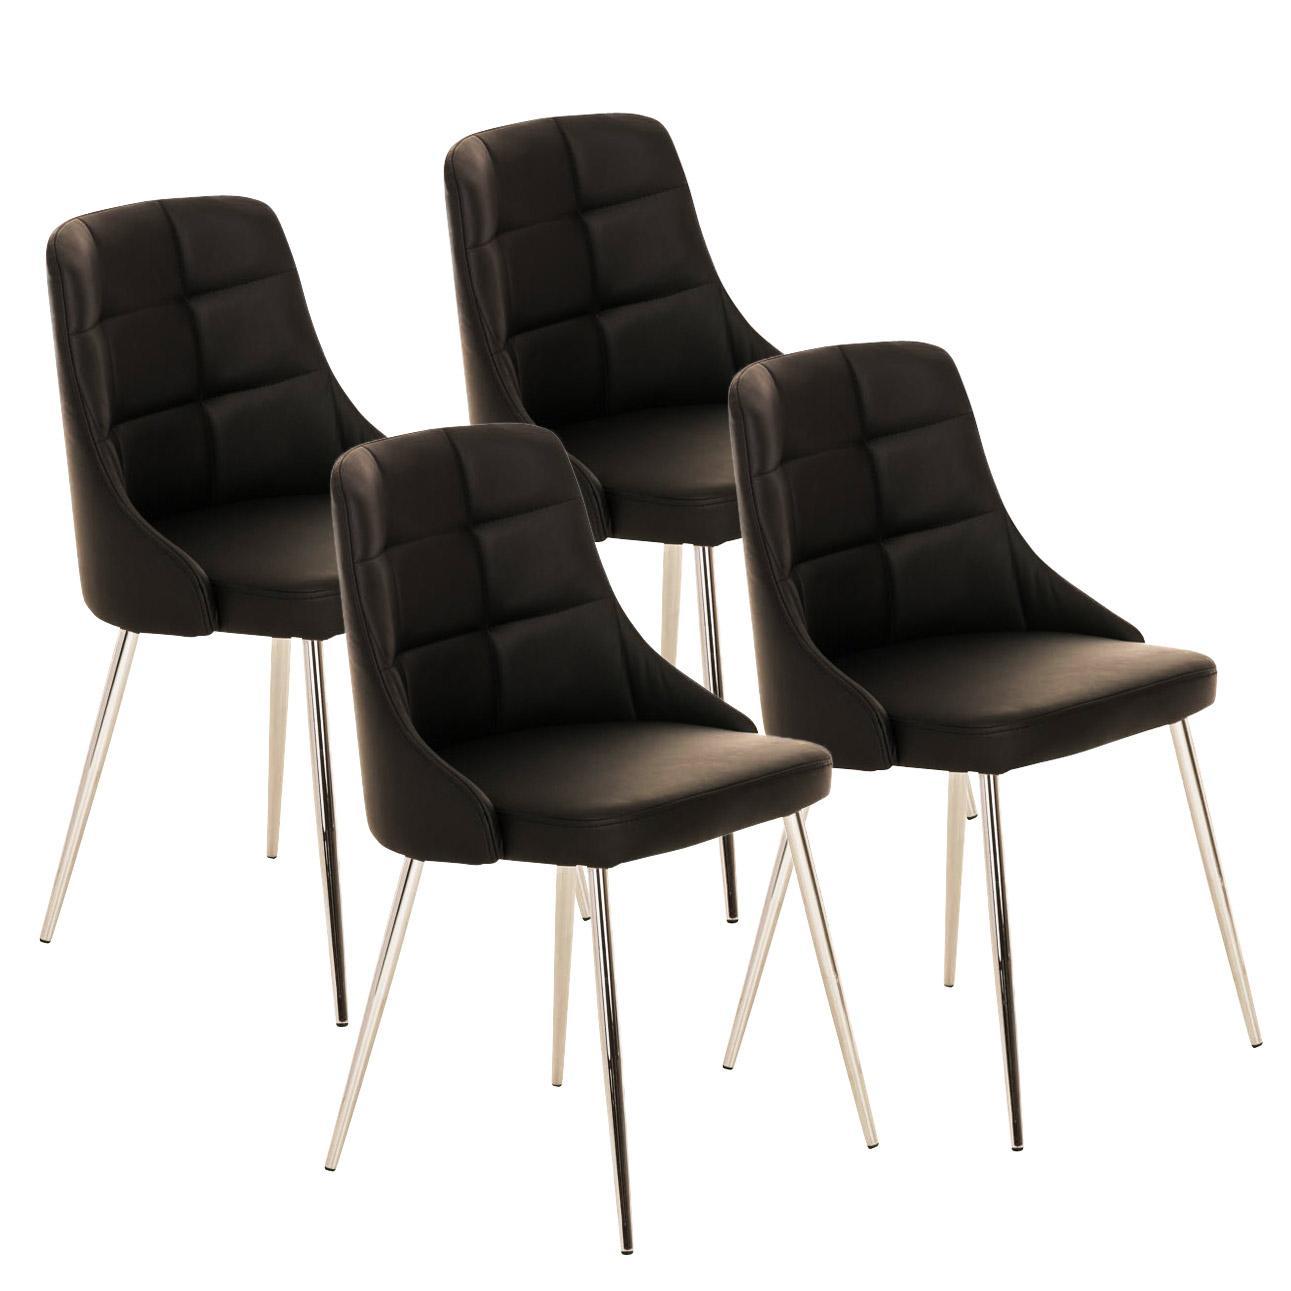 Lote 4 sillas de comedor o cocina harrison en piel negro for Sillas de piel para comedor